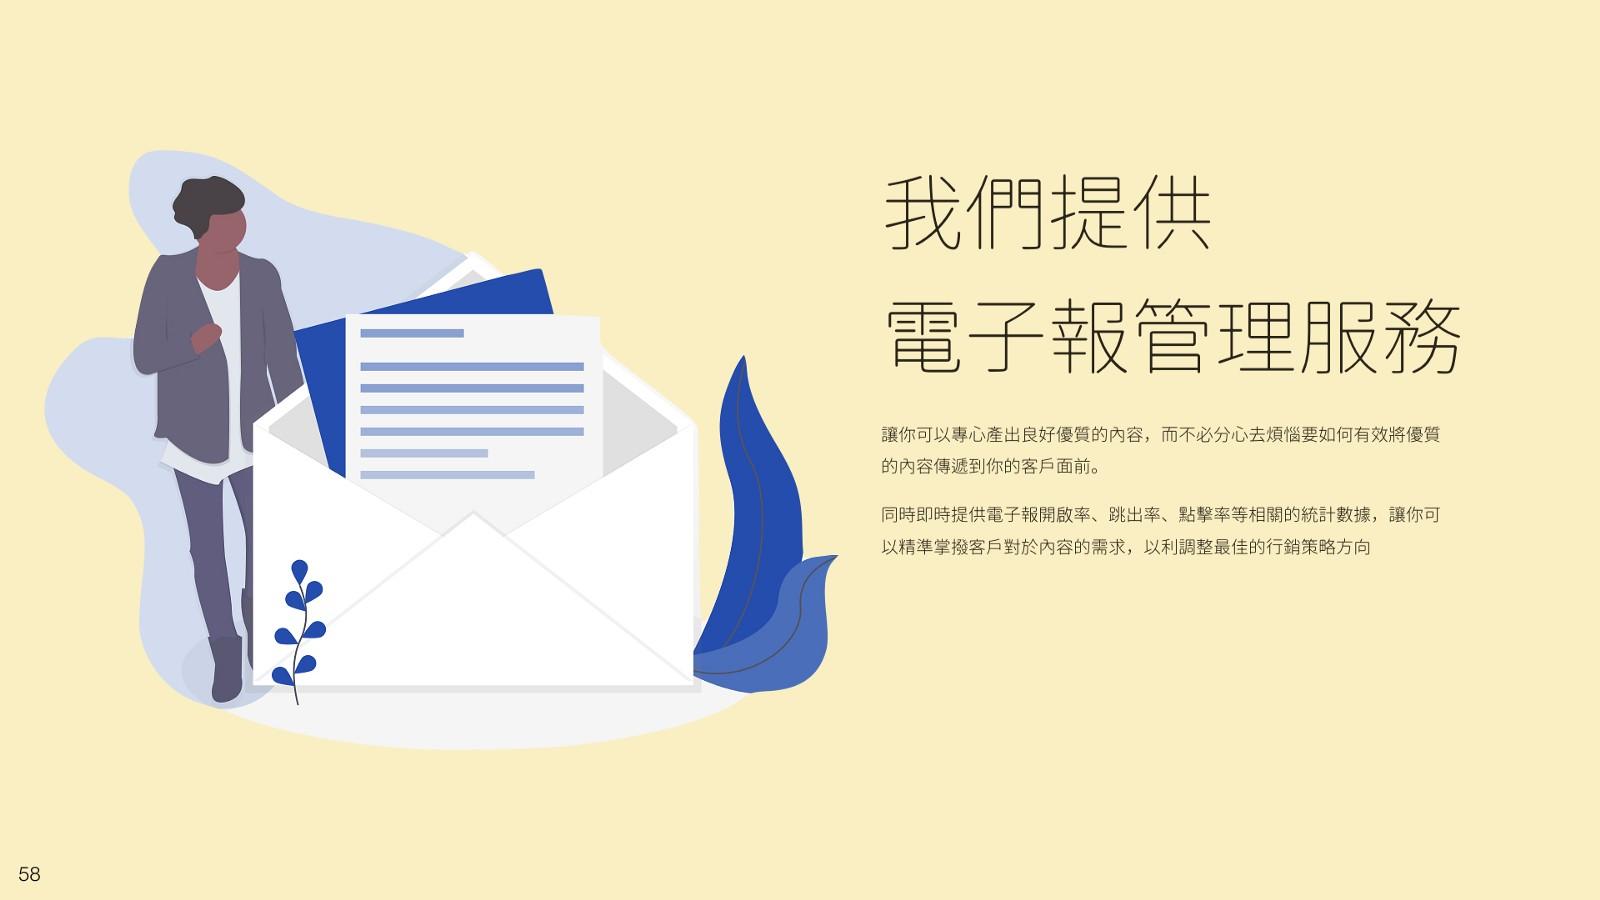 簡報示範 Design by 黃祺浩.